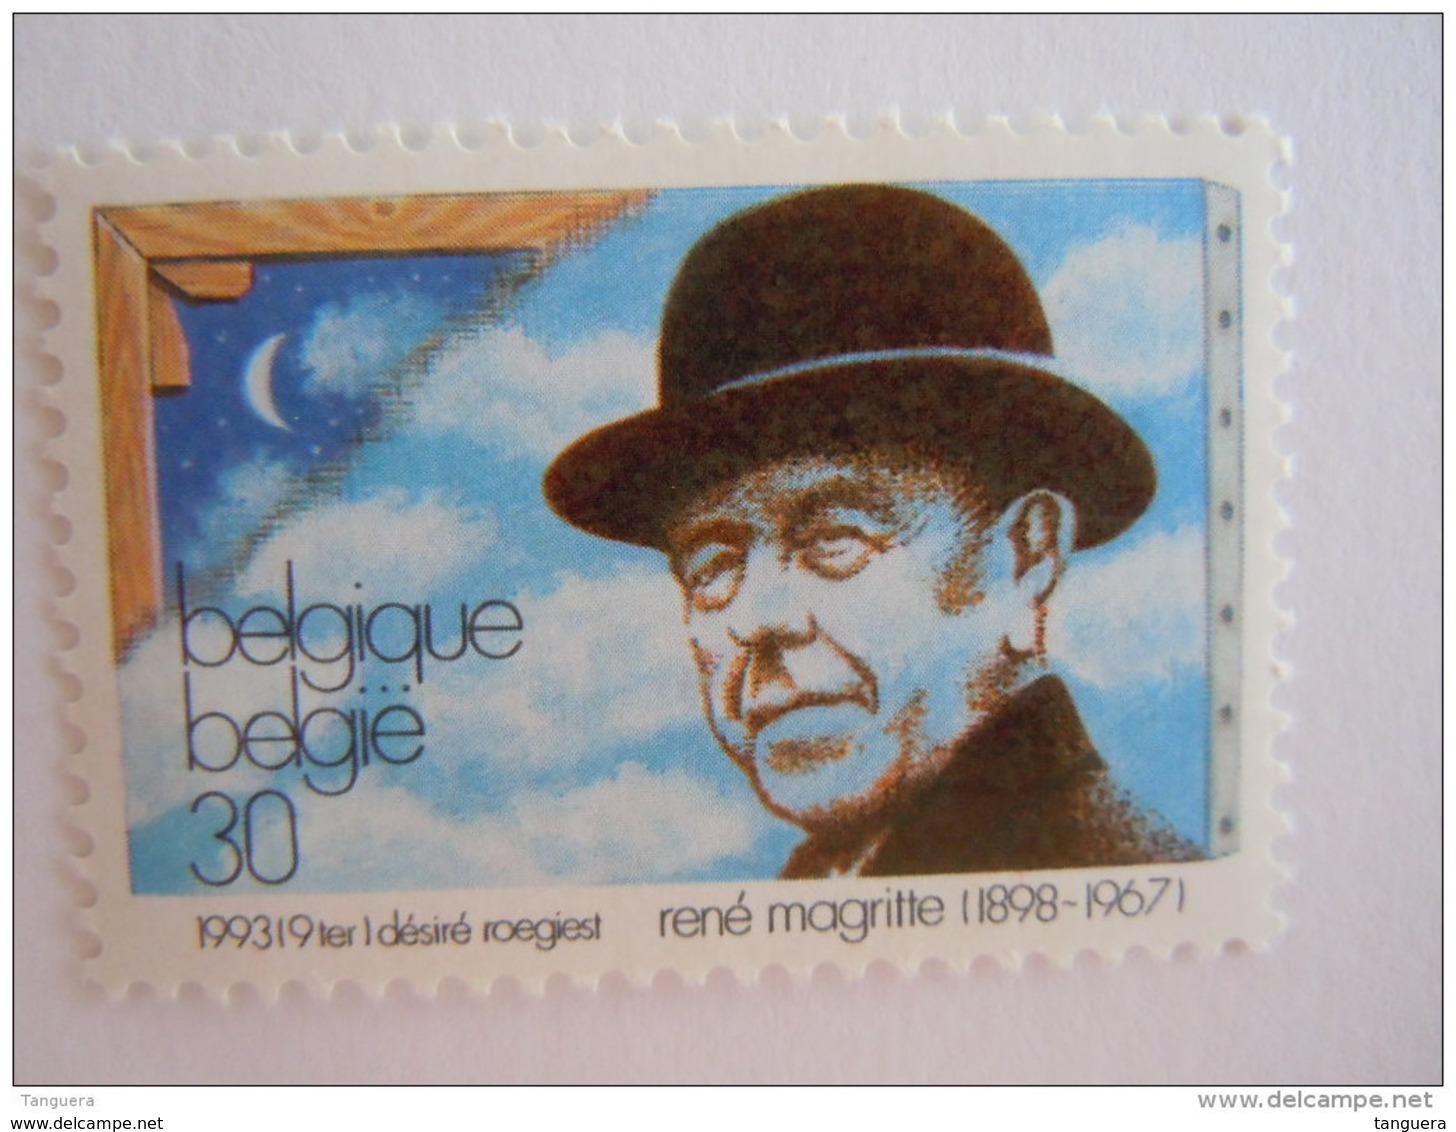 België Belgique 1993 René Magritte Schilder Paintre Surrealist Portrait Cob Yv 2518 MNH ** - Belgien